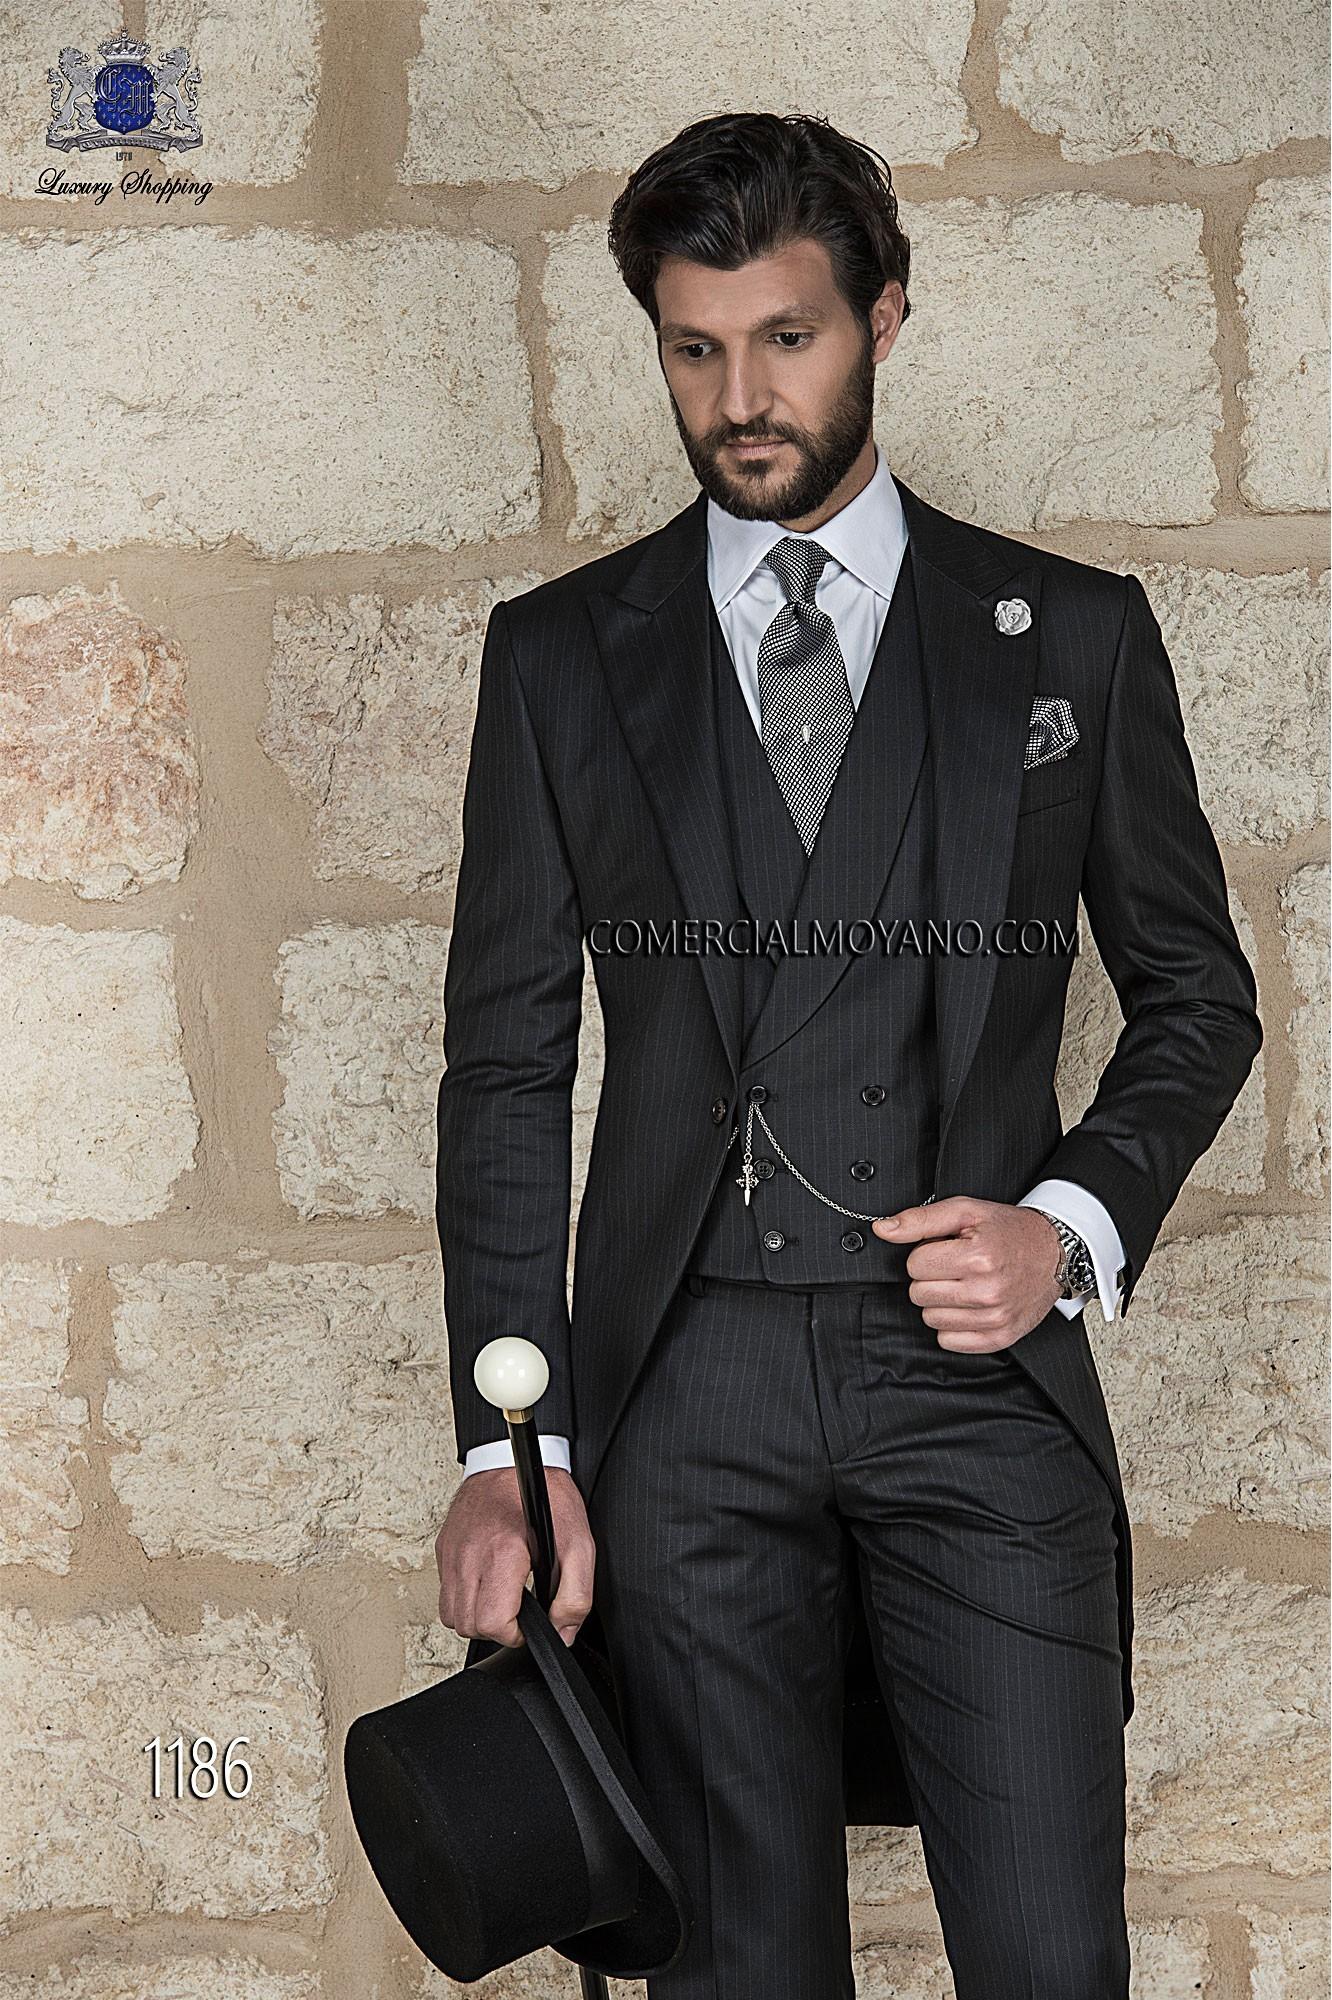 Traje de novio italiano negro modelo: 1186 Ottavio Nuccio Gala colección Gentleman 2017